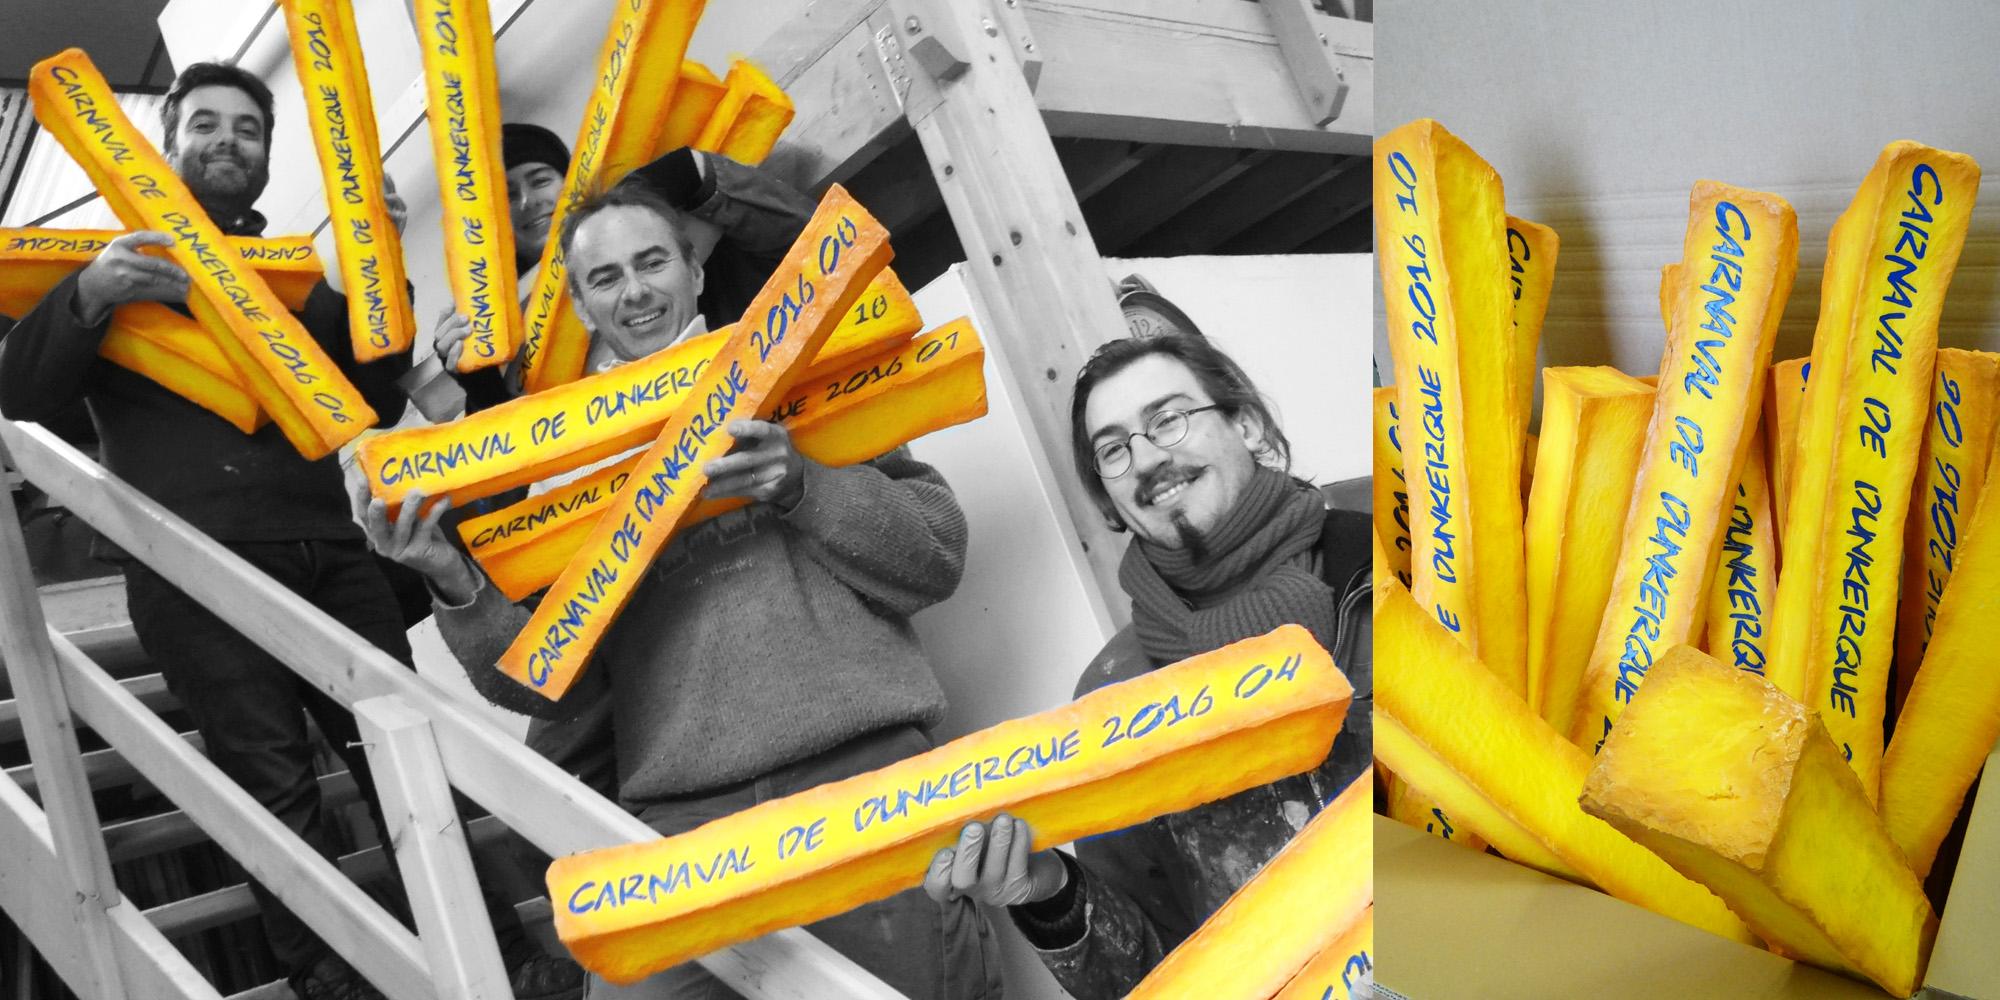 une partie de l'équipe de l'atelier Cobalt fx pose avec les frites géantes du Carnaval de Dunkerque